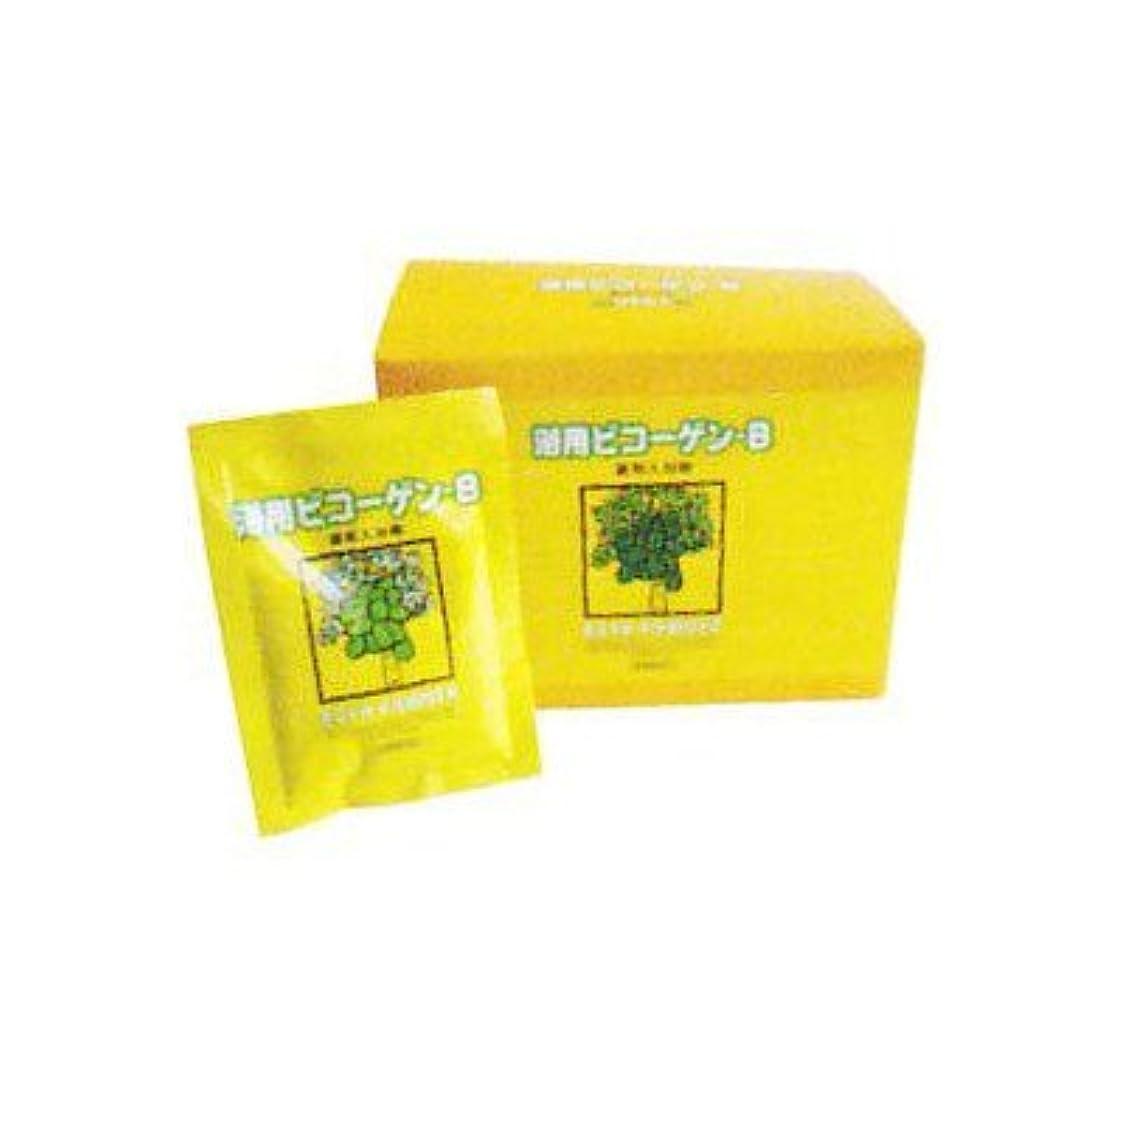 架空の母ブランド酸素入浴剤 リアル 浴用 ビコーゲン B 分包タイプ a221074